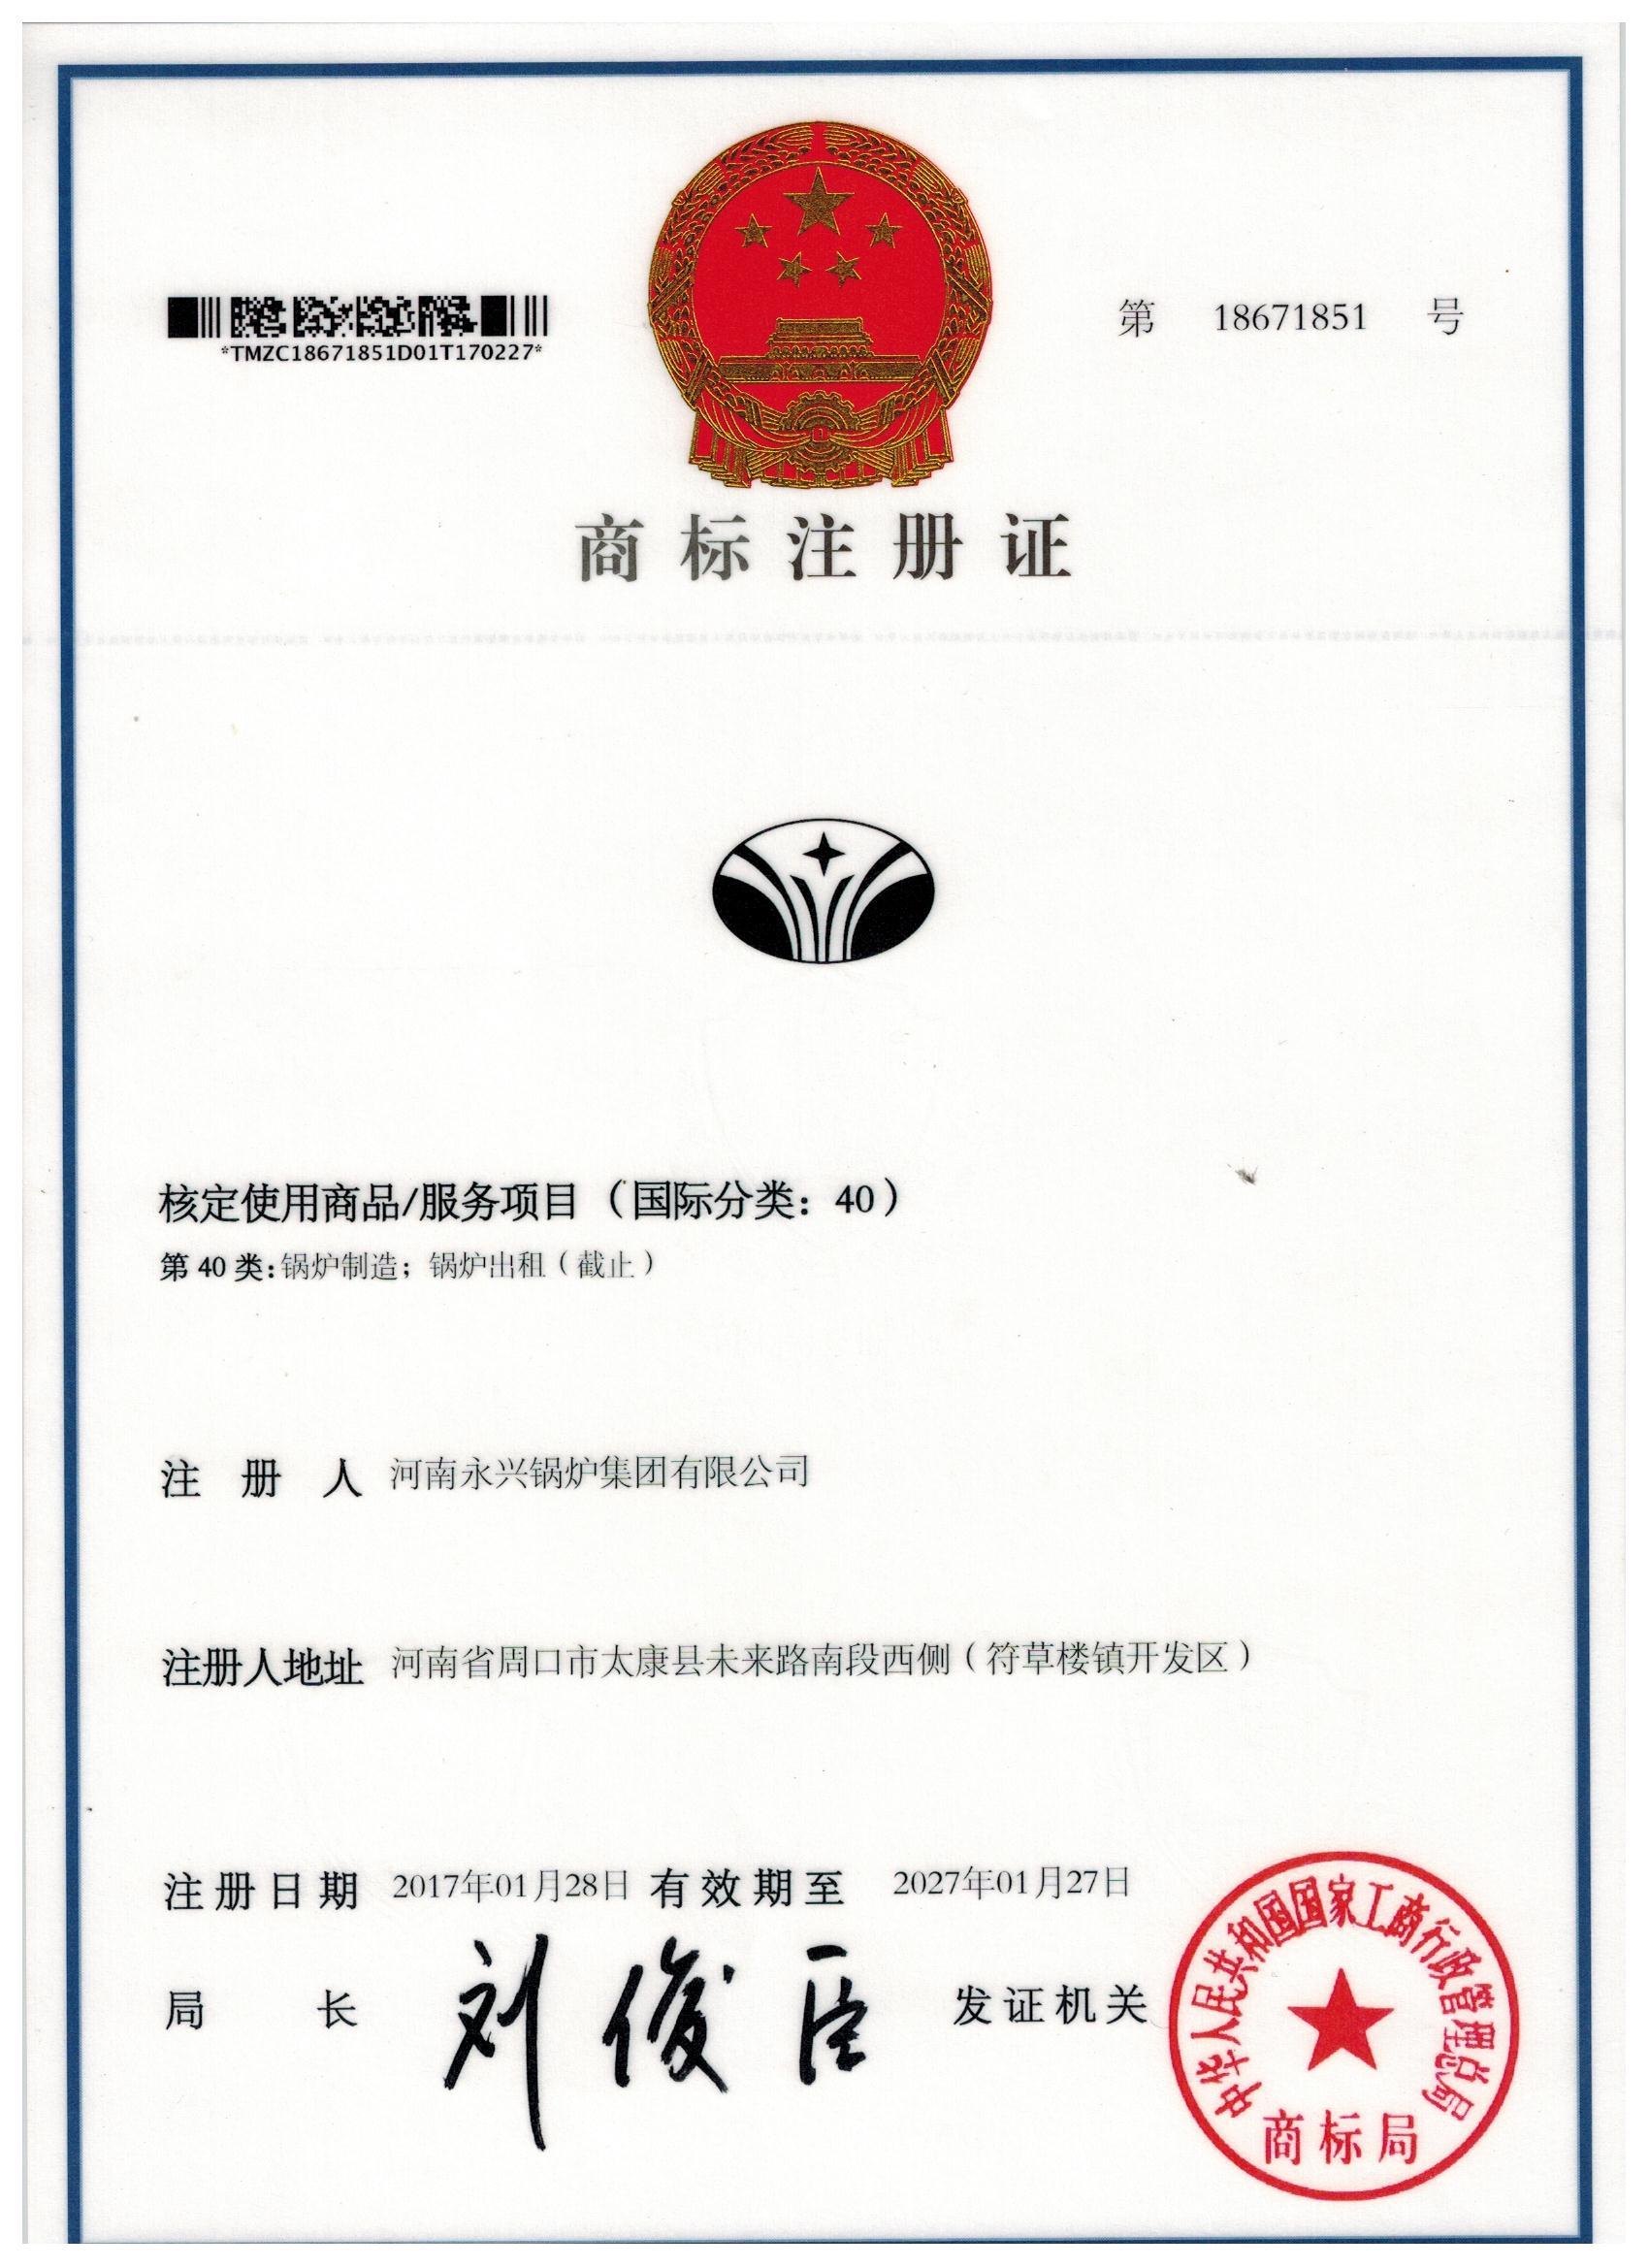 商标注册证 (2)